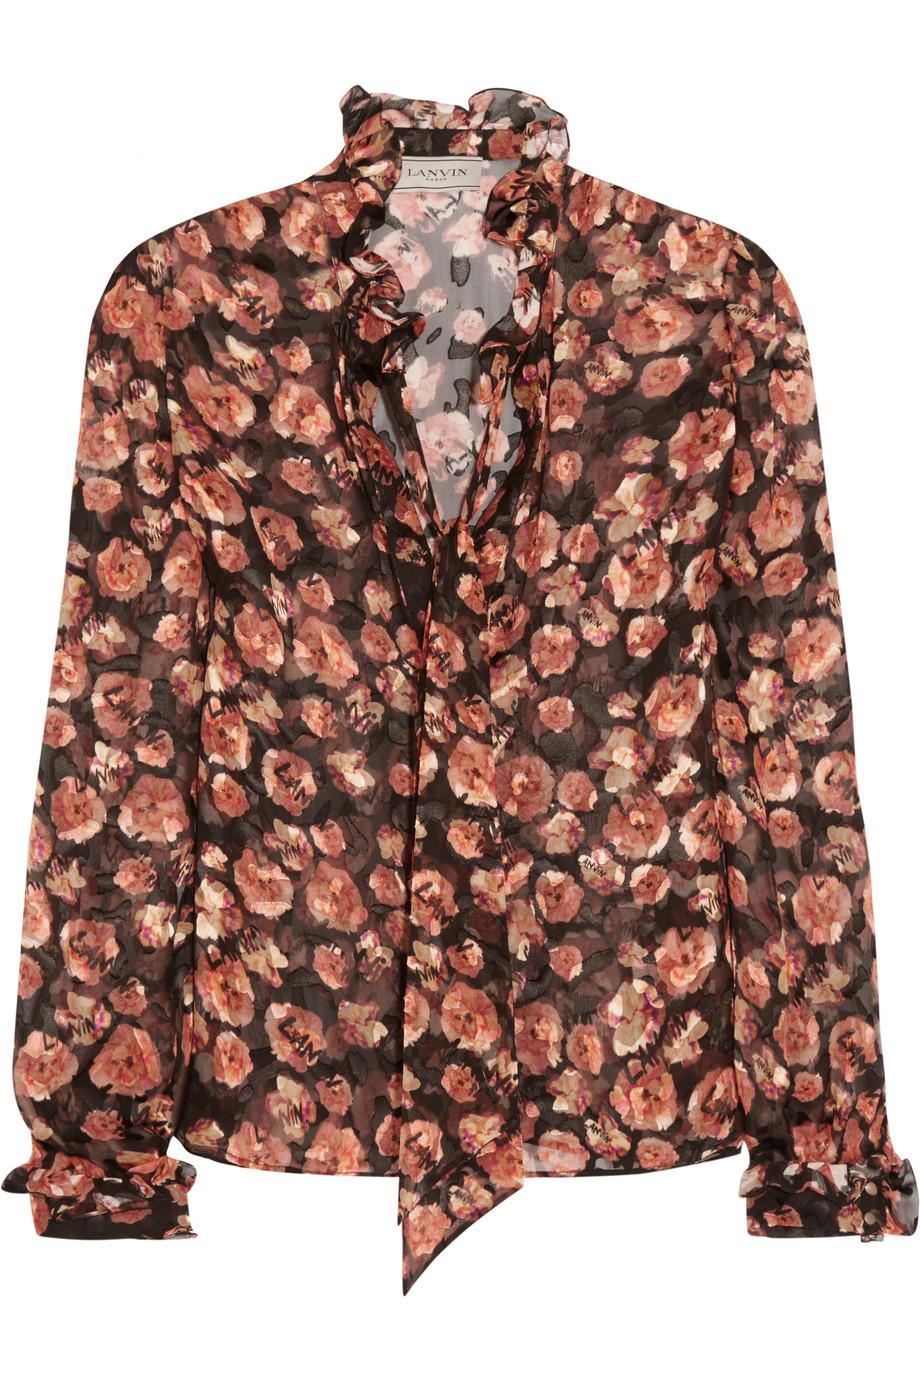 Lanvin Pussy-Bow Floral-Print Devoré-Chiffon Blouse, Peach/Burgundy, Women's, Size: 42